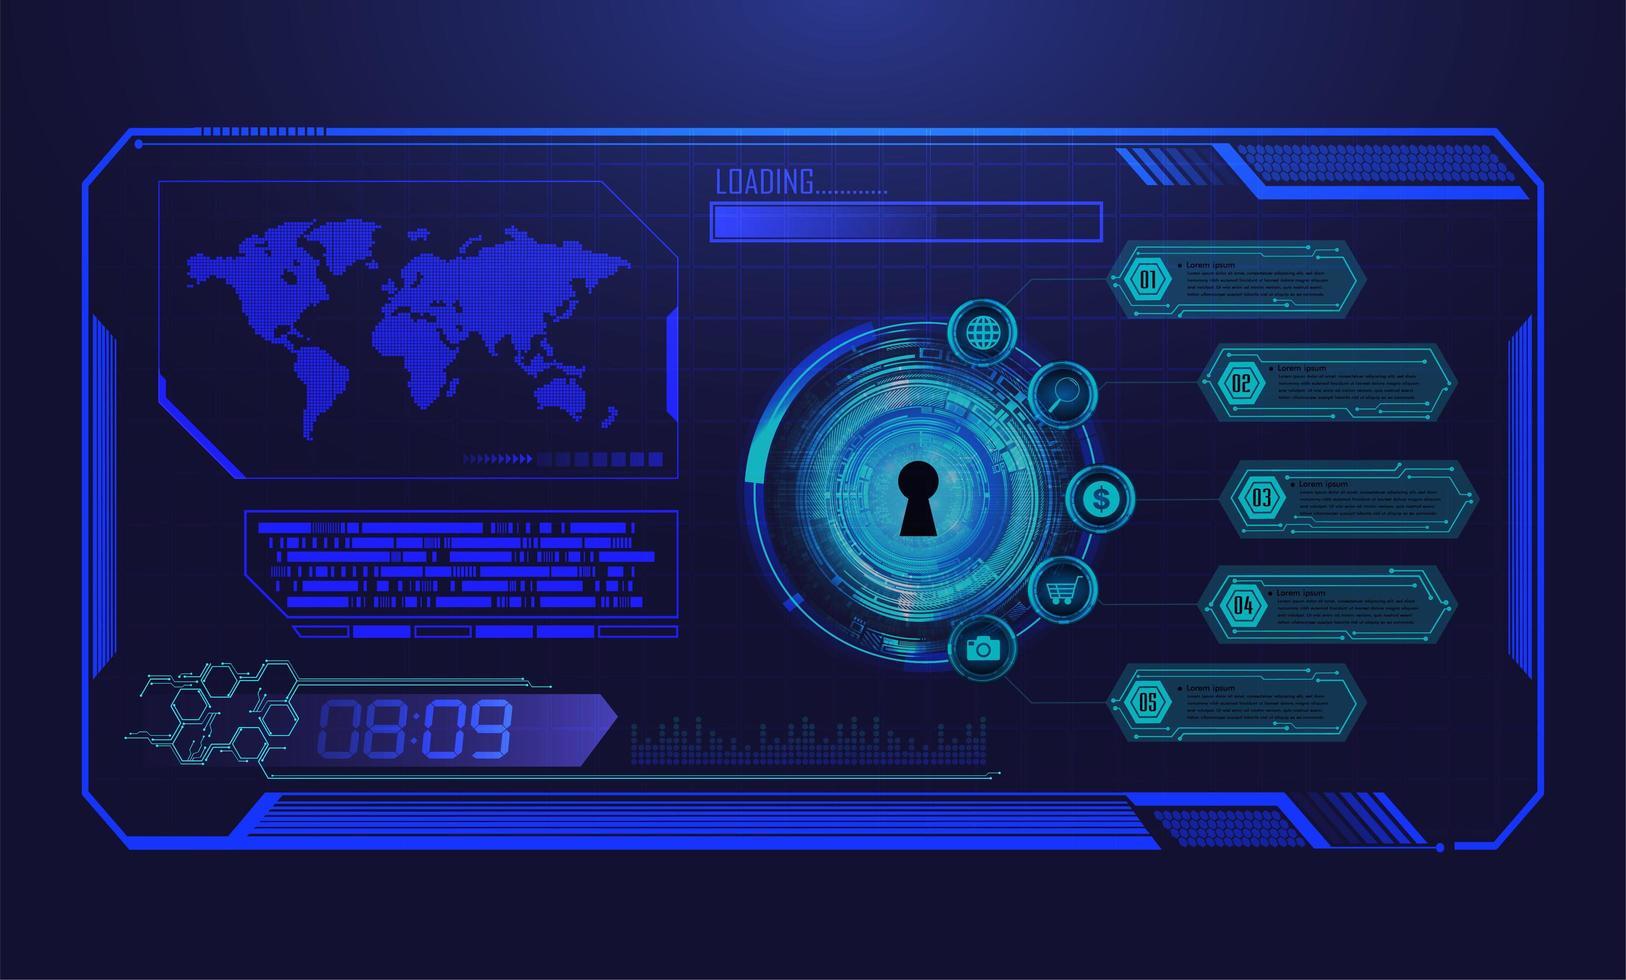 technologie future du circuit imprimé binaire bleu vecteur